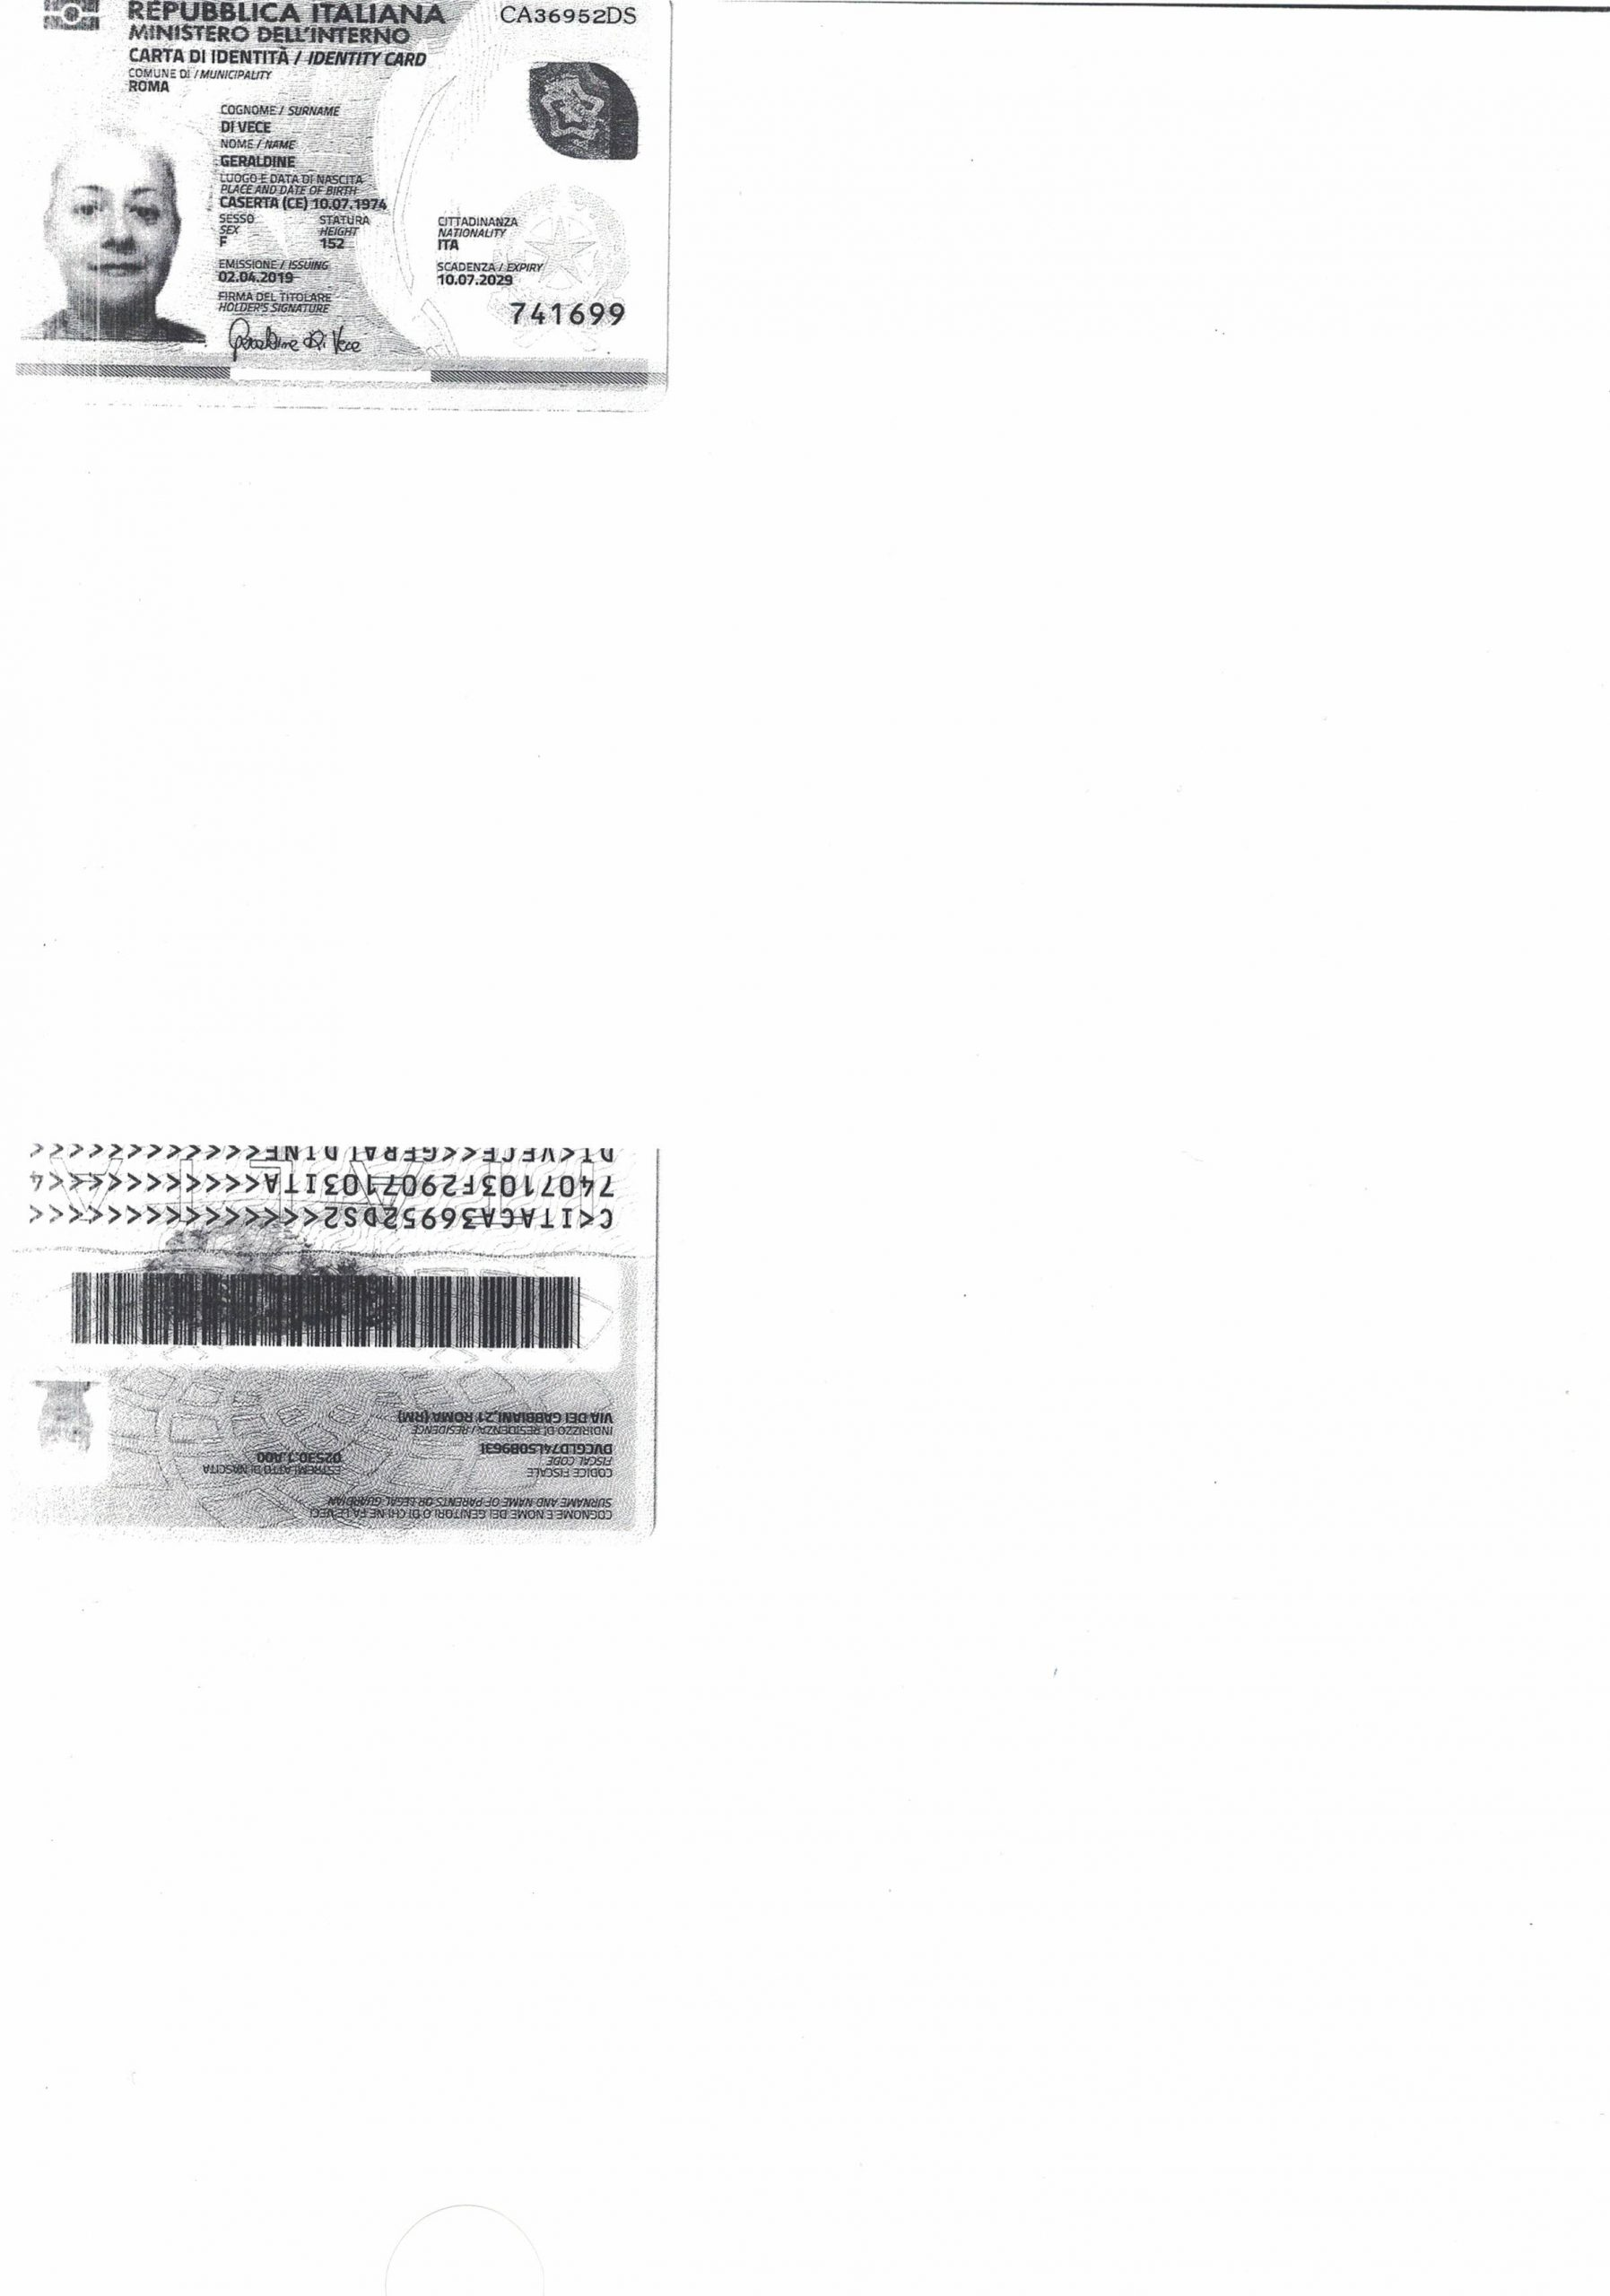 Documento identità f_r Geraldine